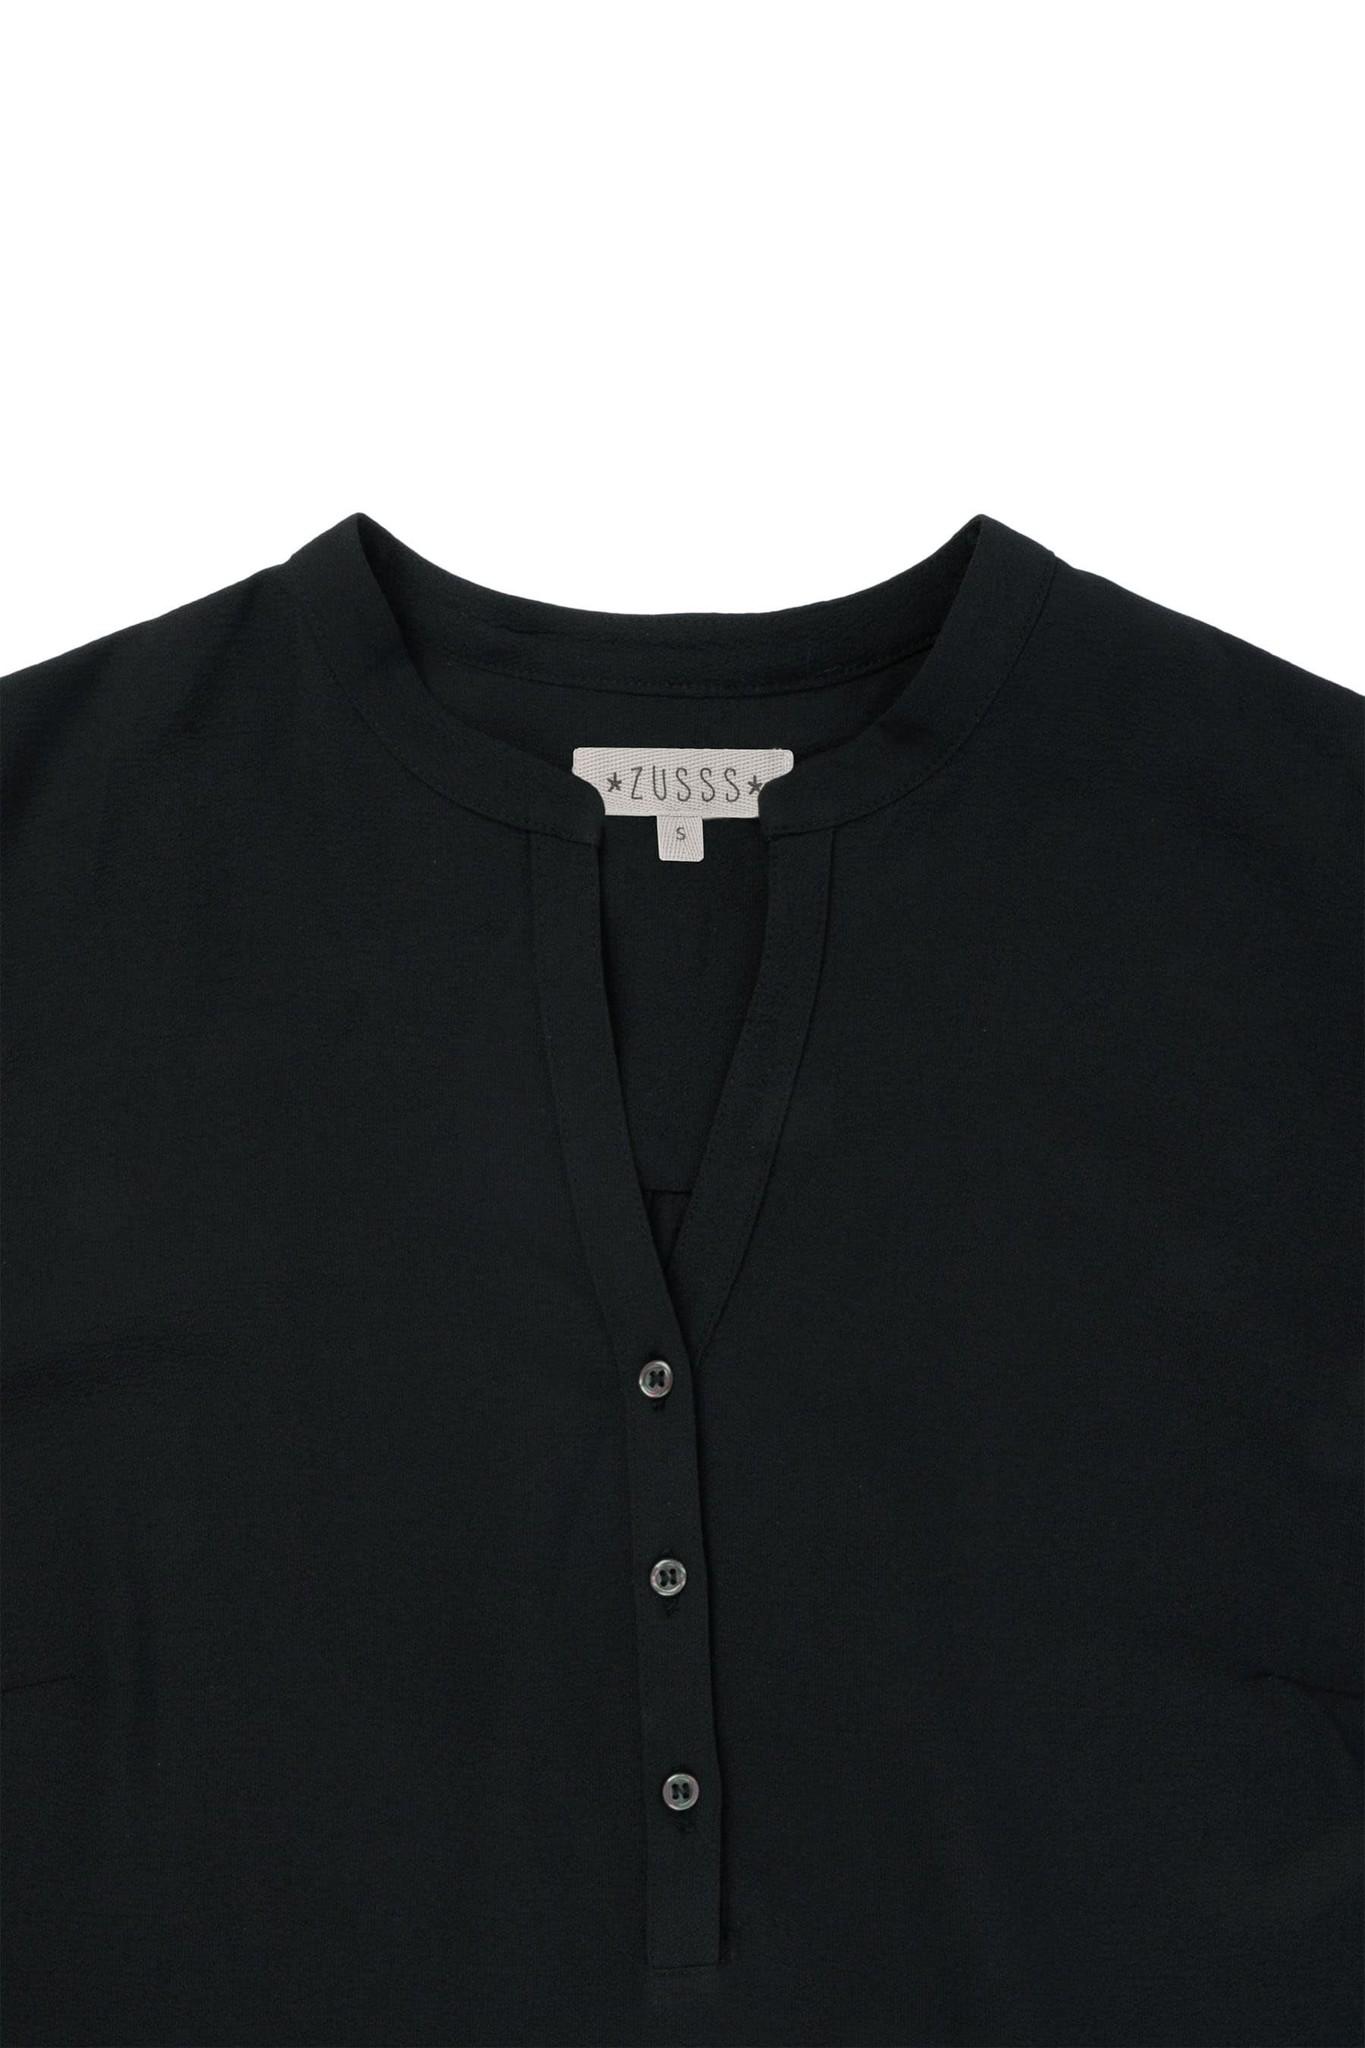 Zusss lief blousje - zwart